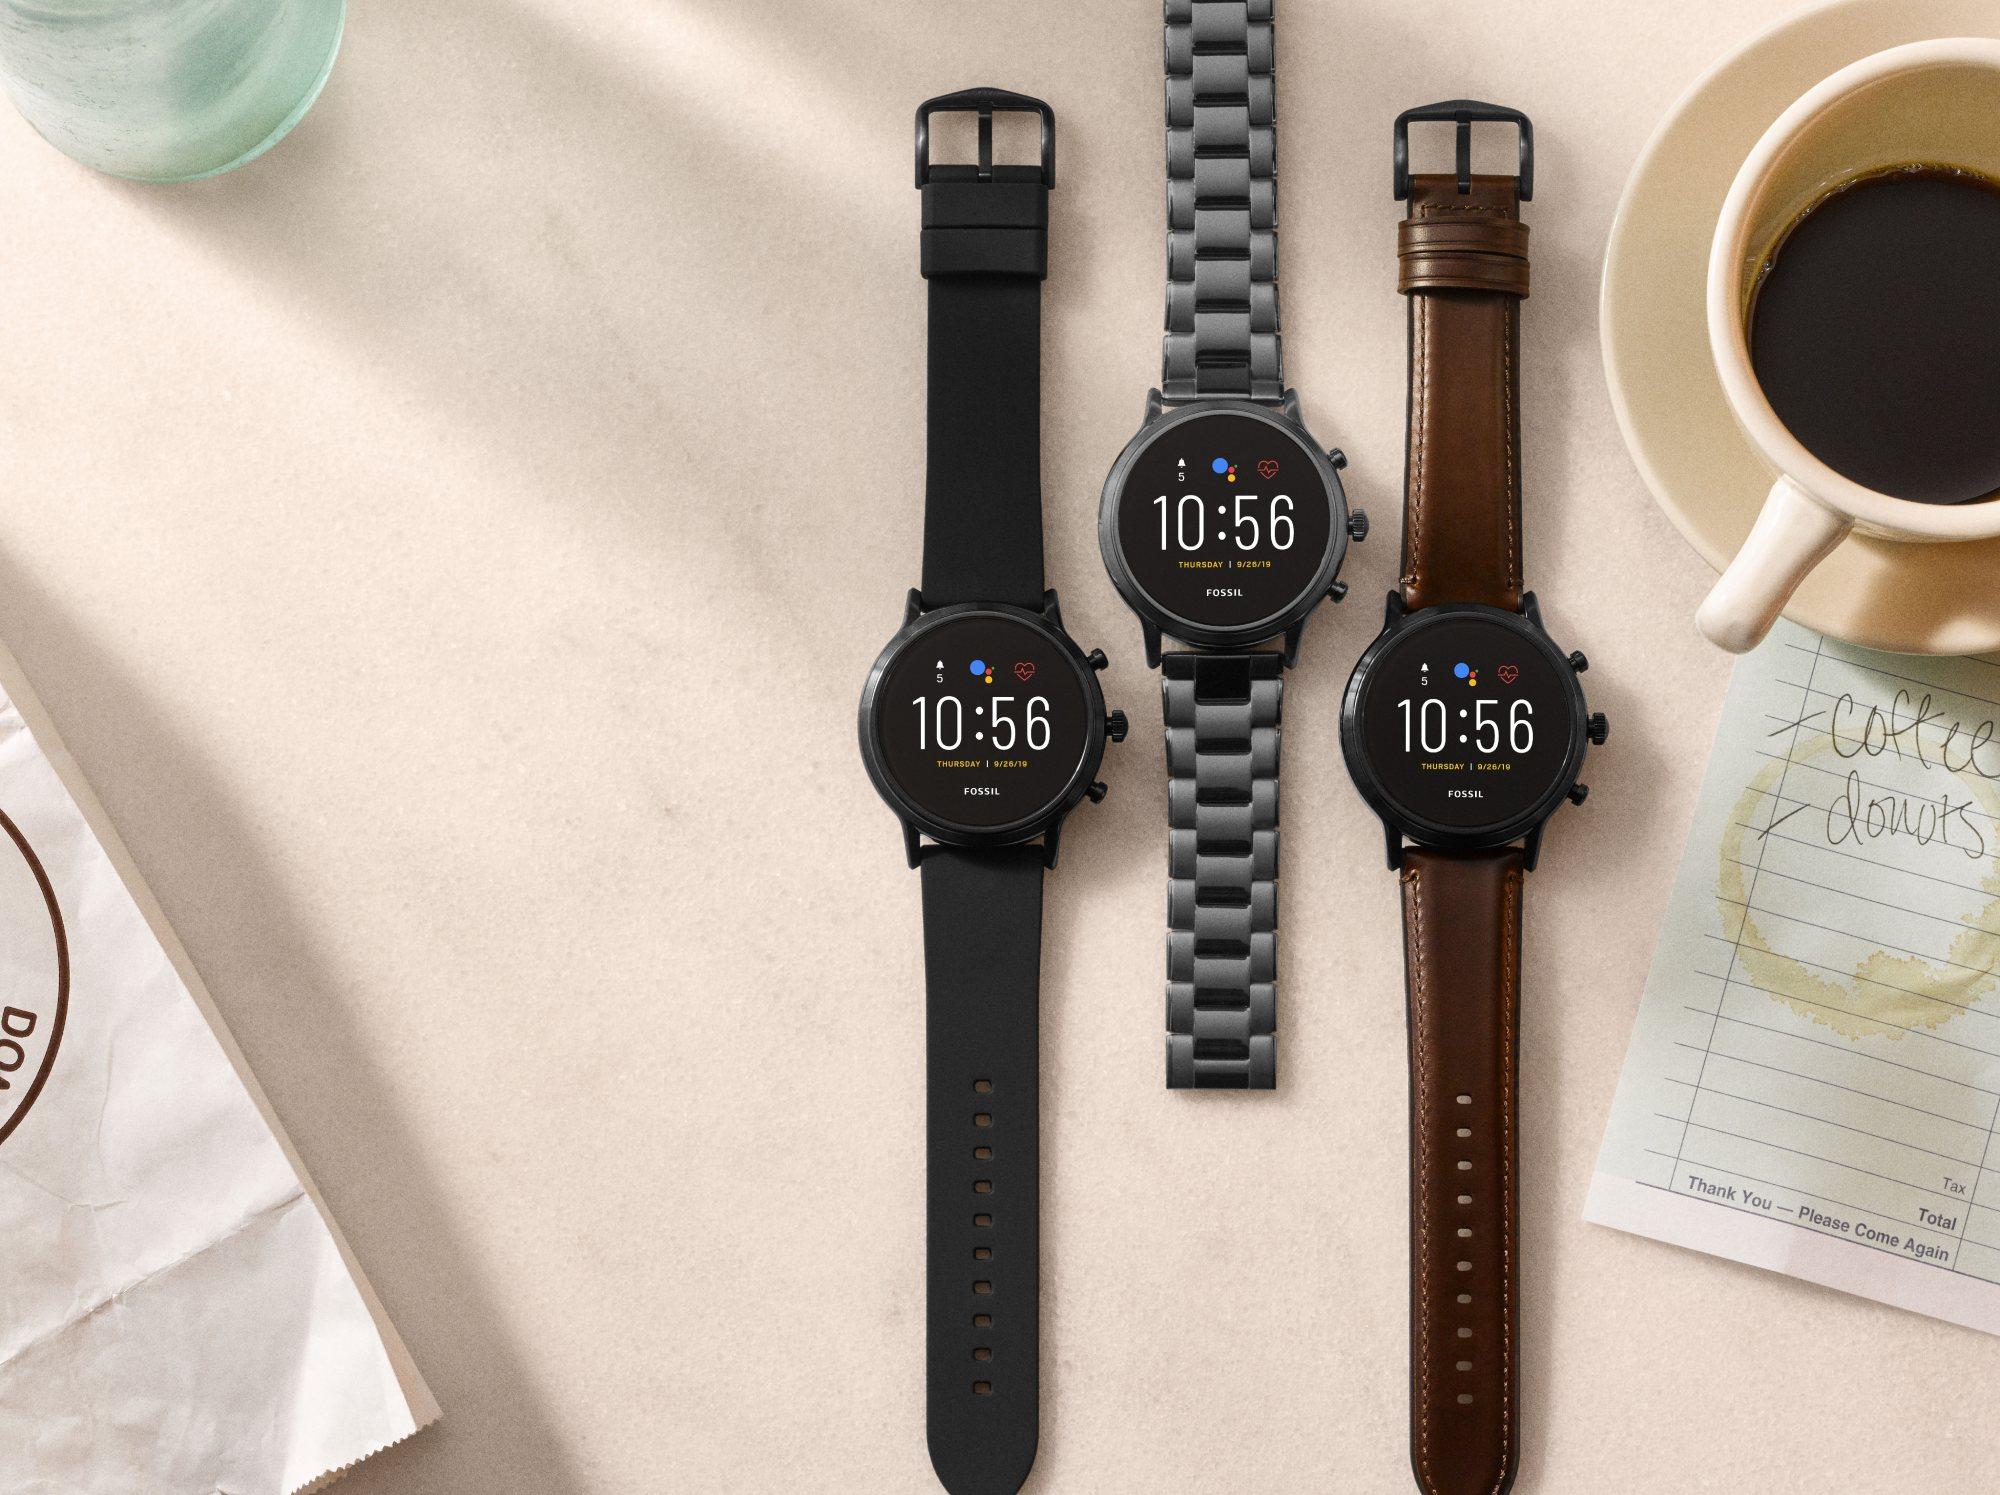 Warum hat Google Smartwatch-Technologie von Fossil gekauft?